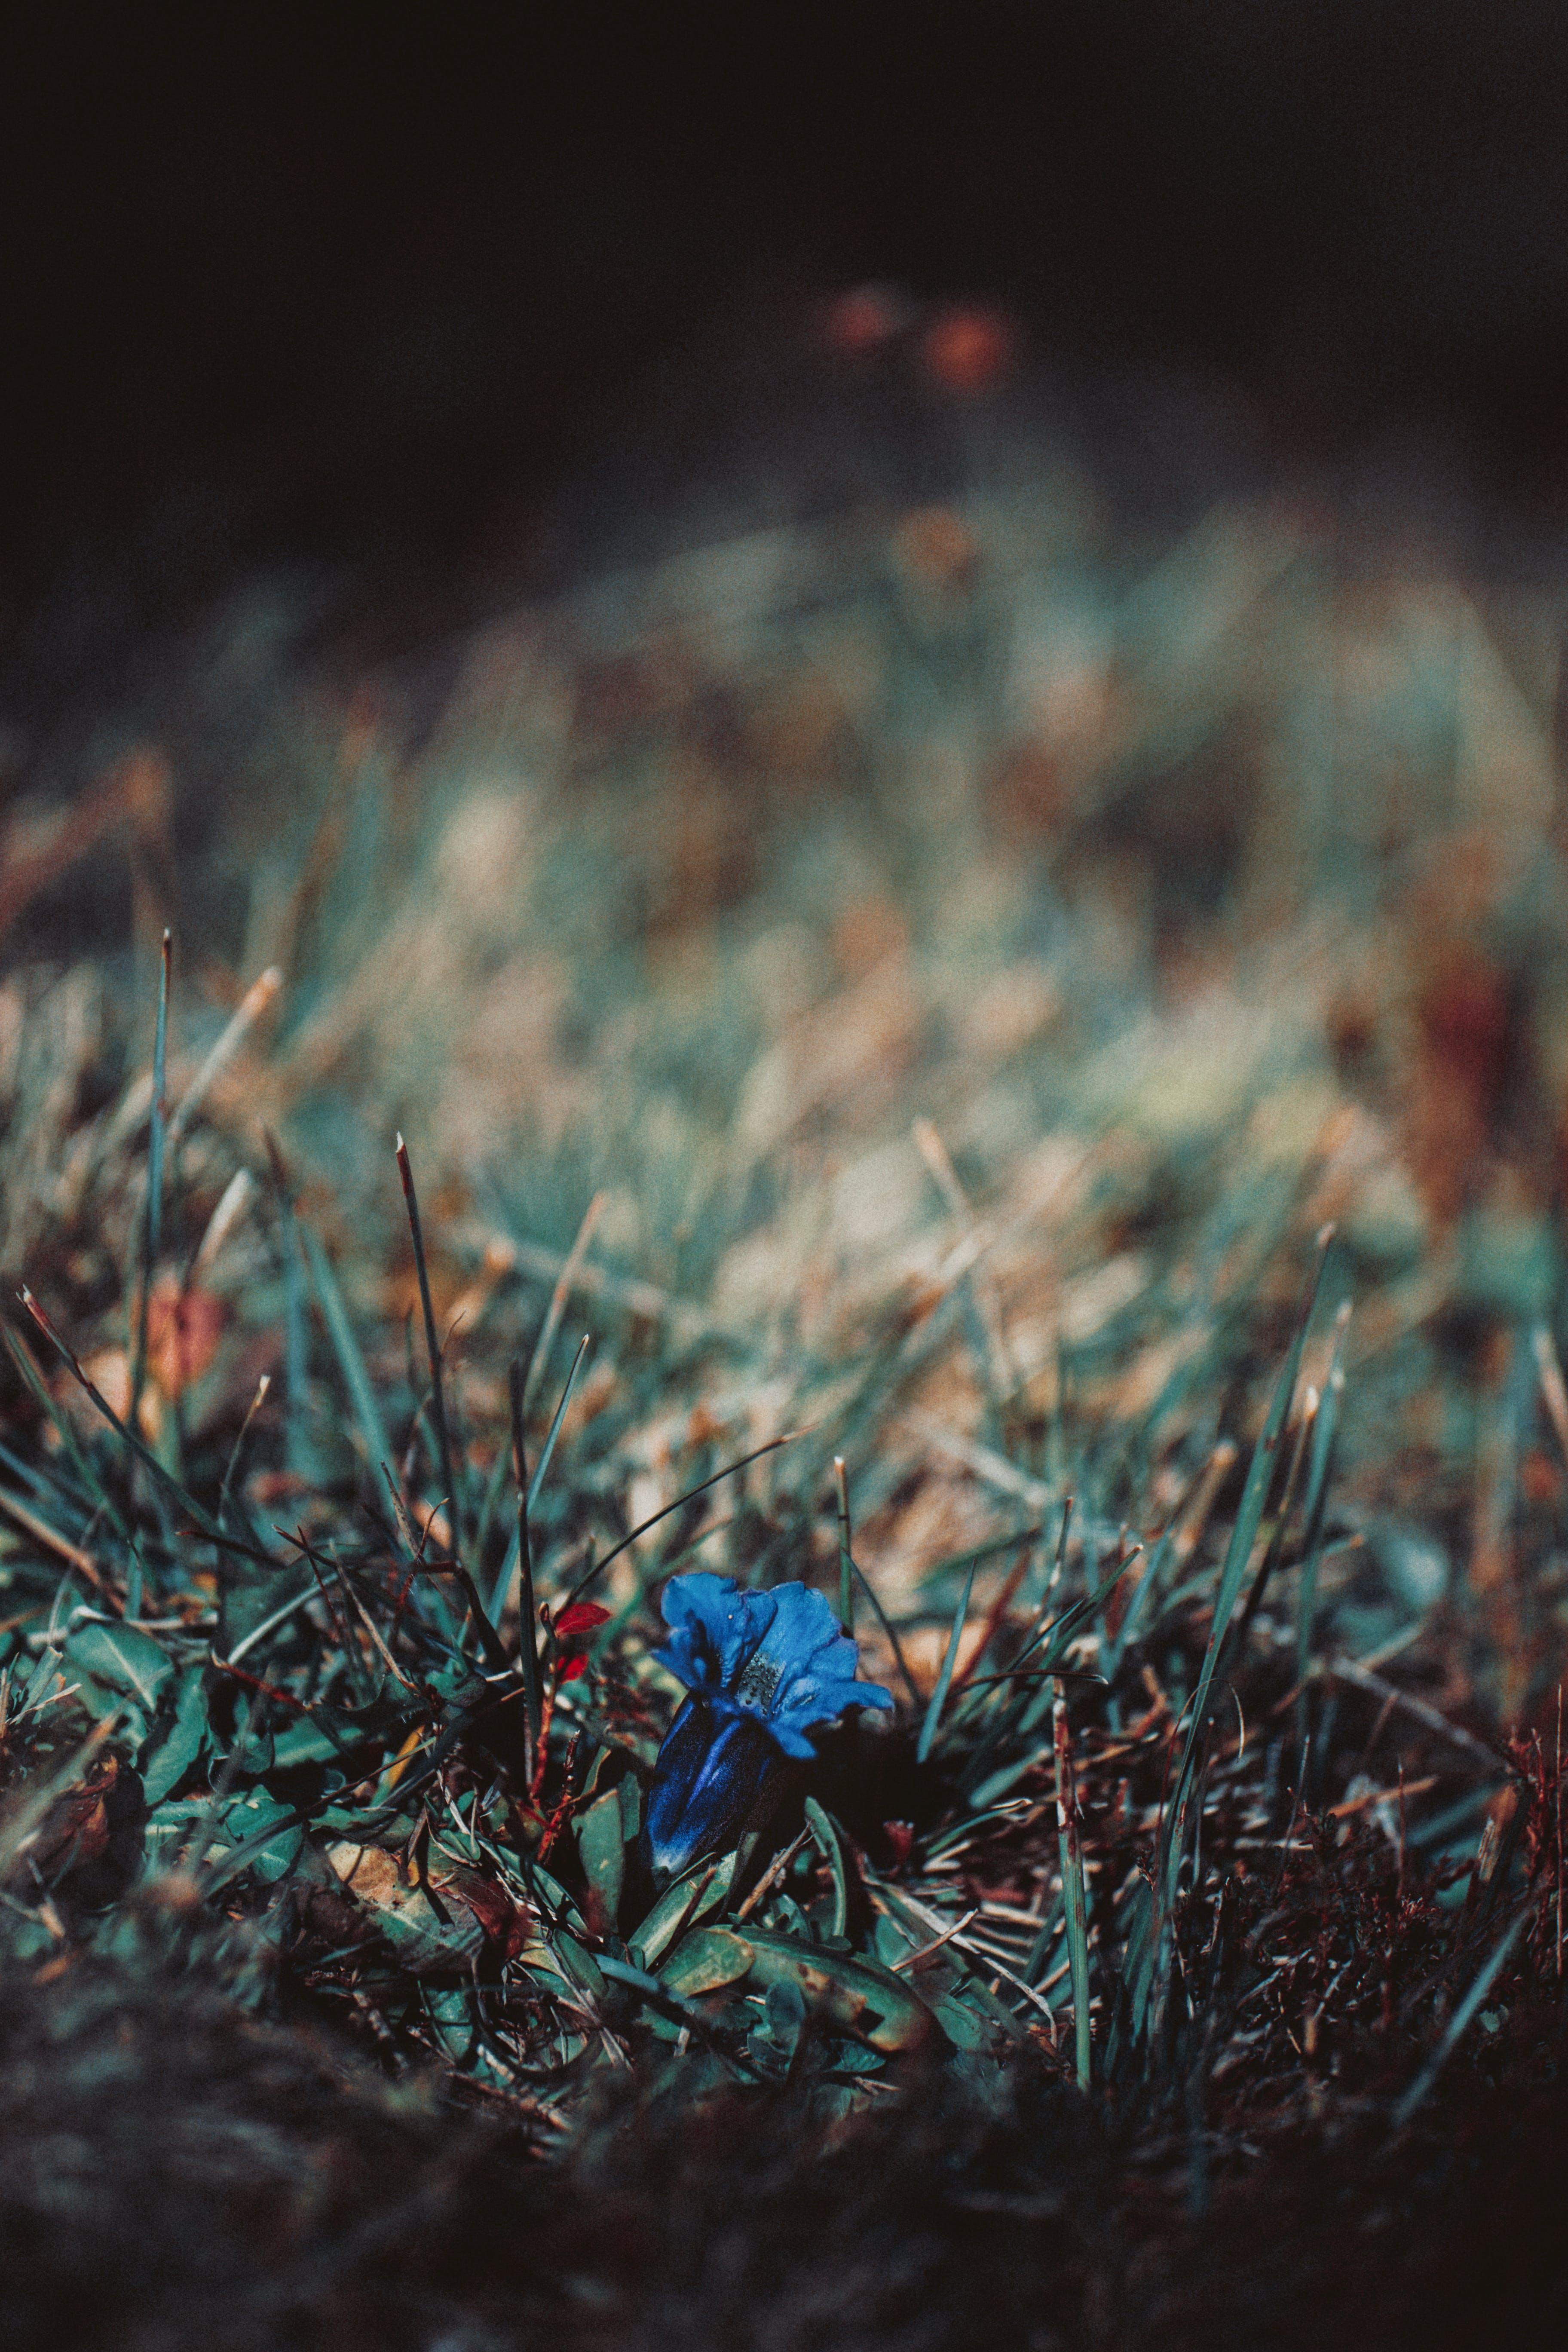 Blue Flower On Green Grass